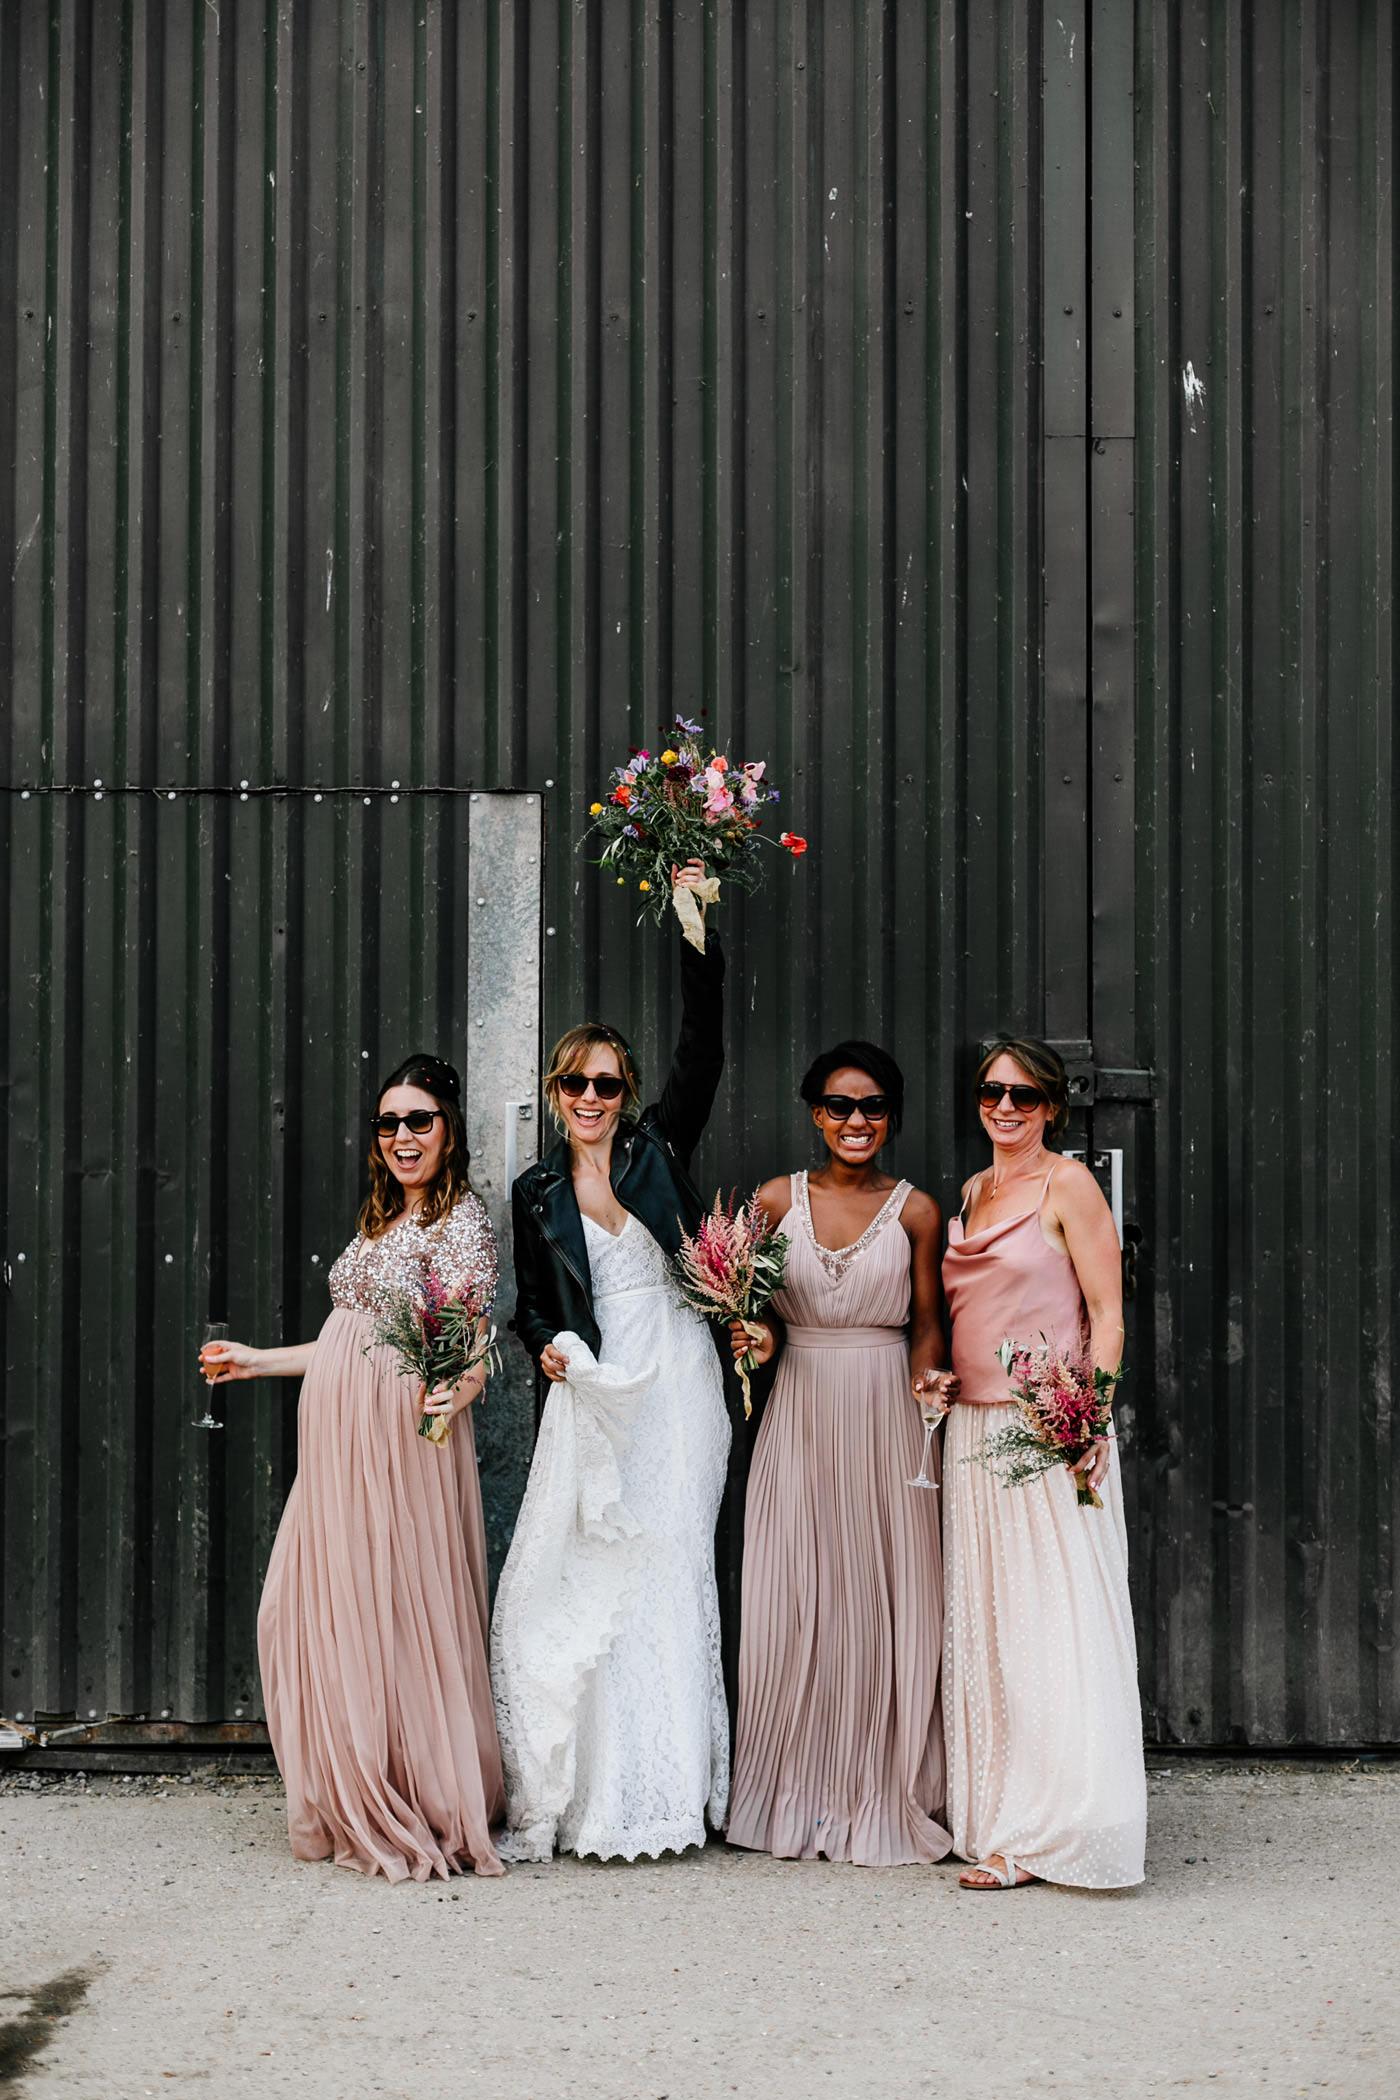 sugar loaf barn wedding photographer wales